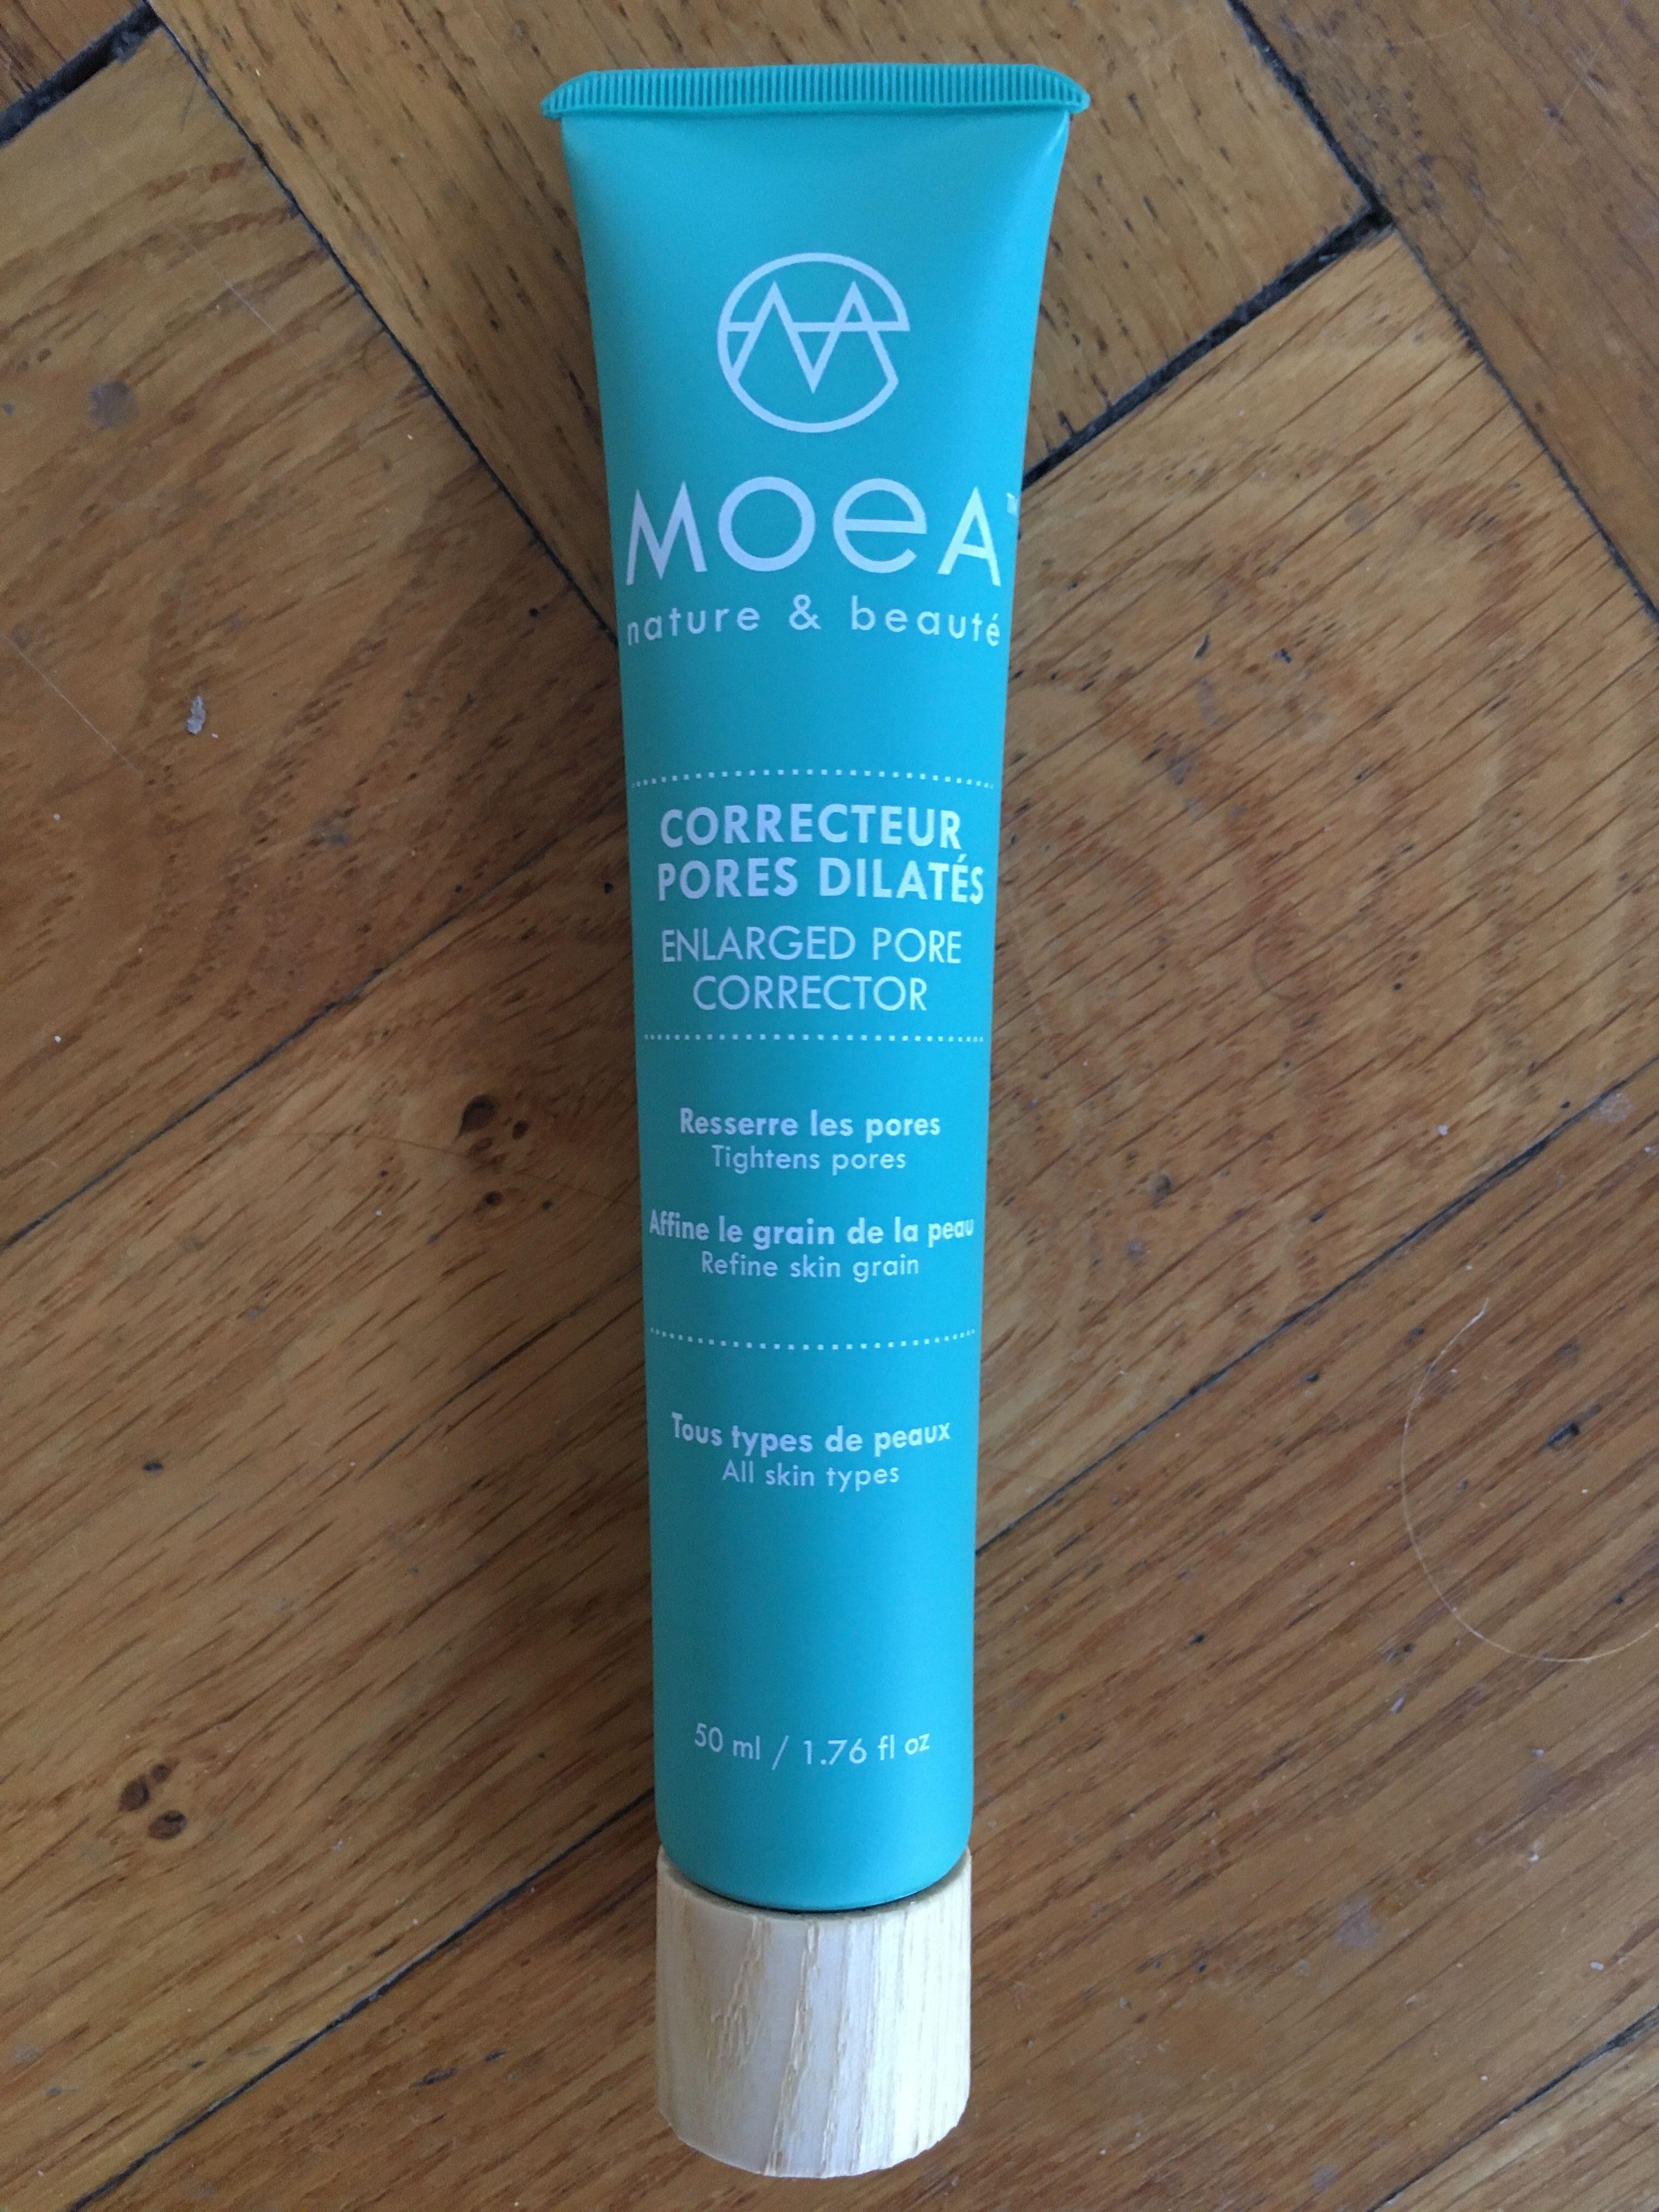 Correcteur pores dilatés - Product - fr